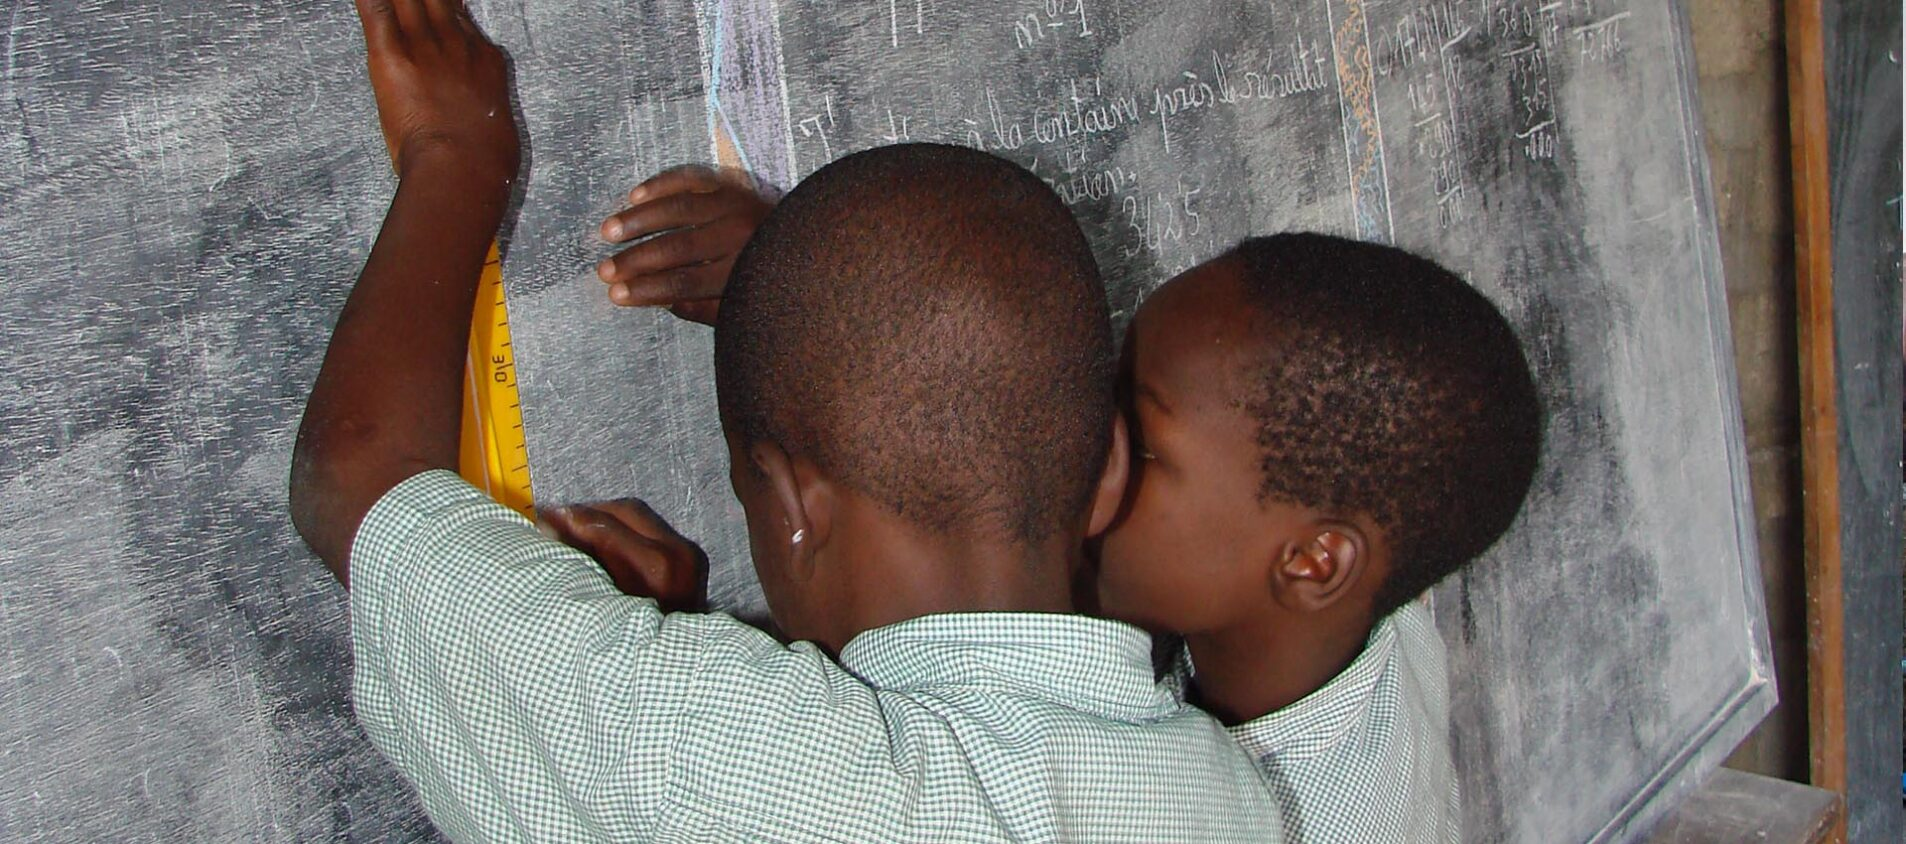 Raymond i Benin berättar att han och lillebror bor med mormor